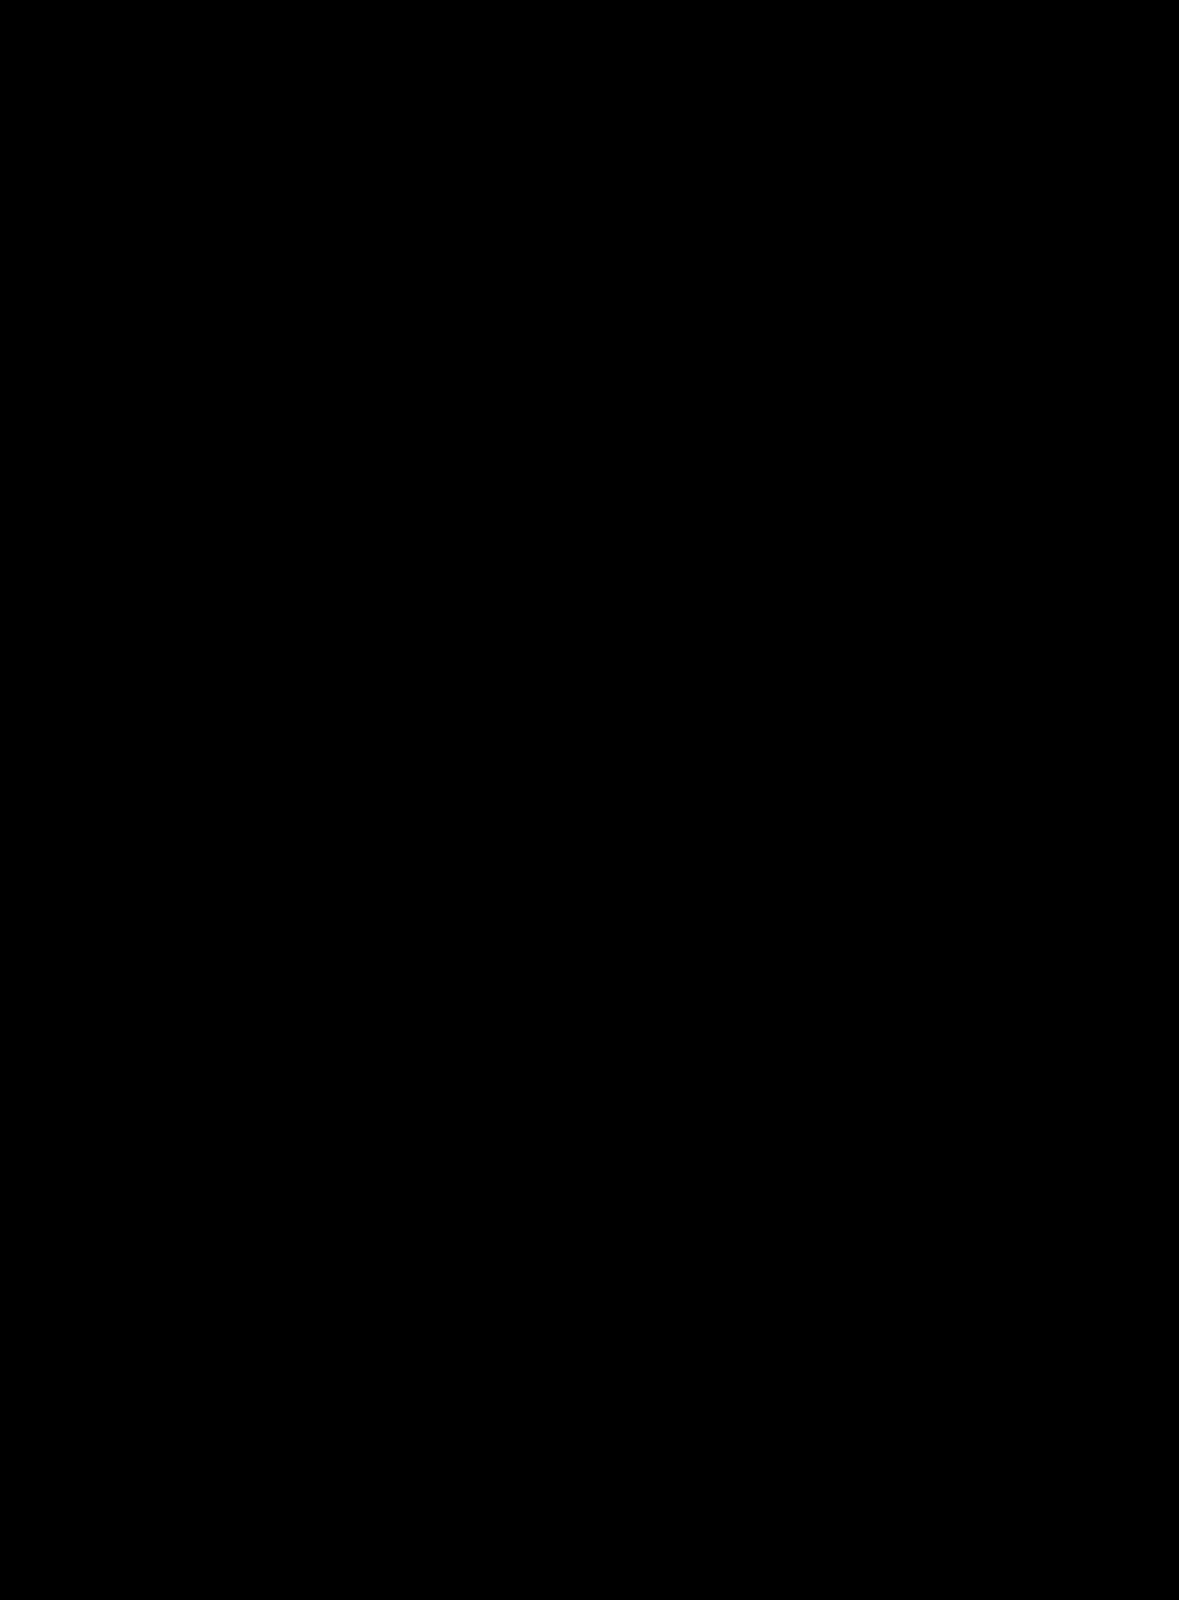 三代目JSB登坂広臣 高画質ロゴ 文字表記あり